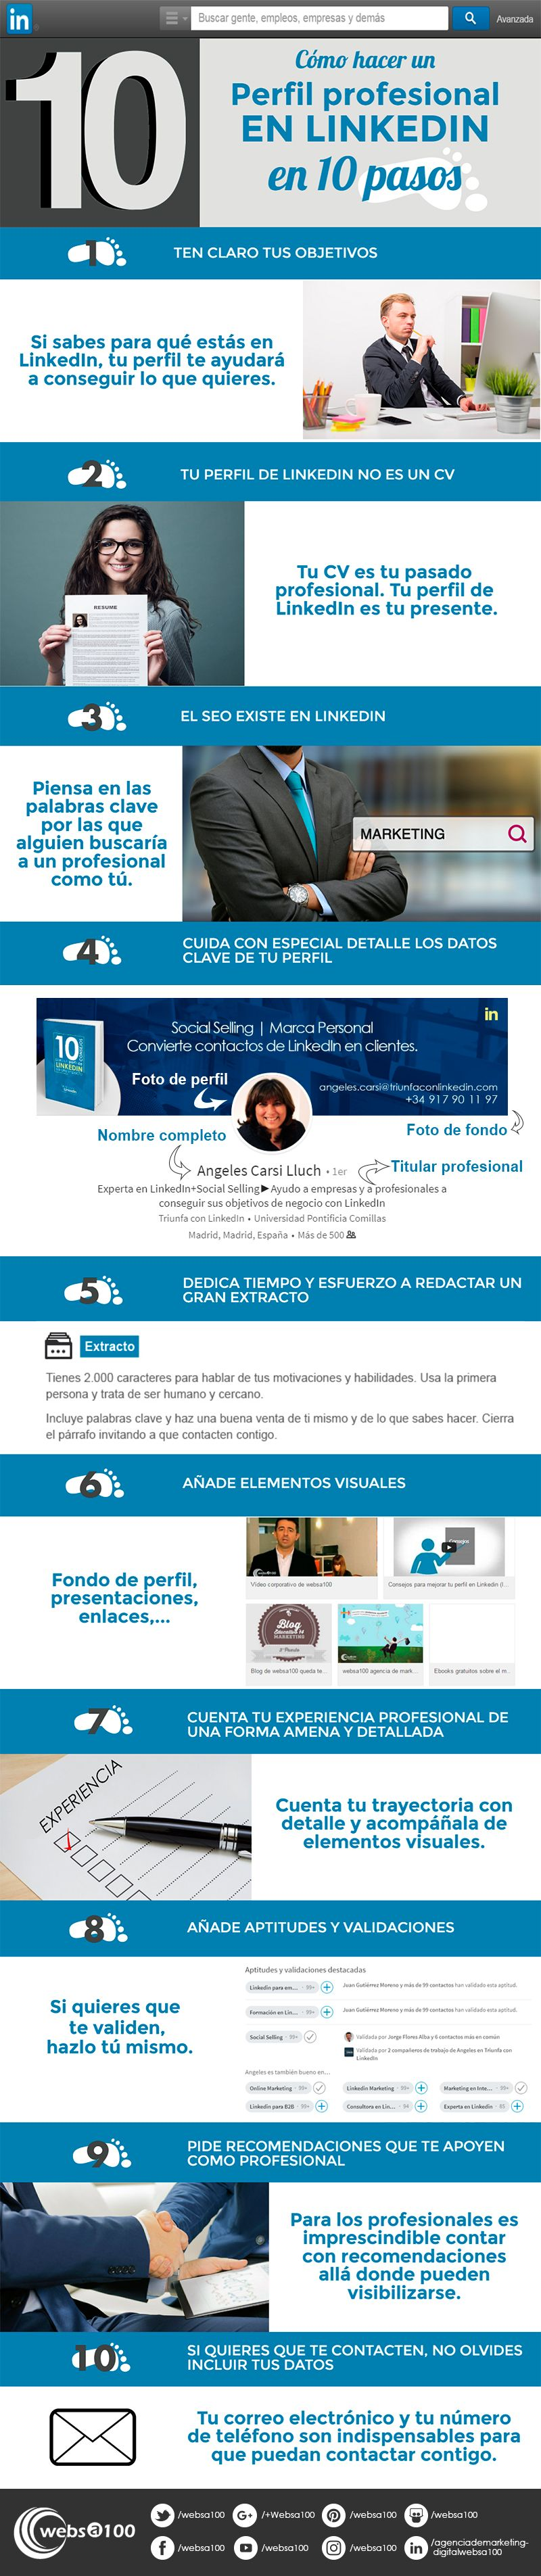 10 pasos para crear un perfil profesional en LinkedIn